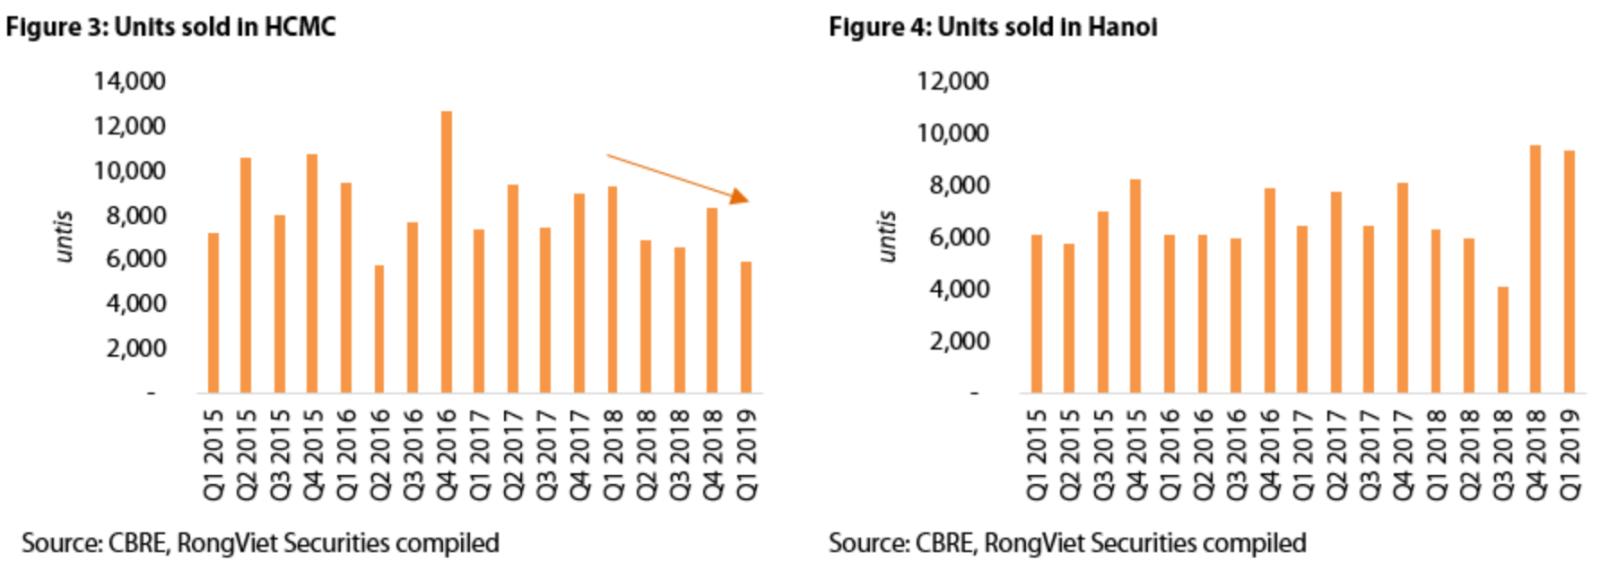 Hanoi records best quarterly performance in condominium market